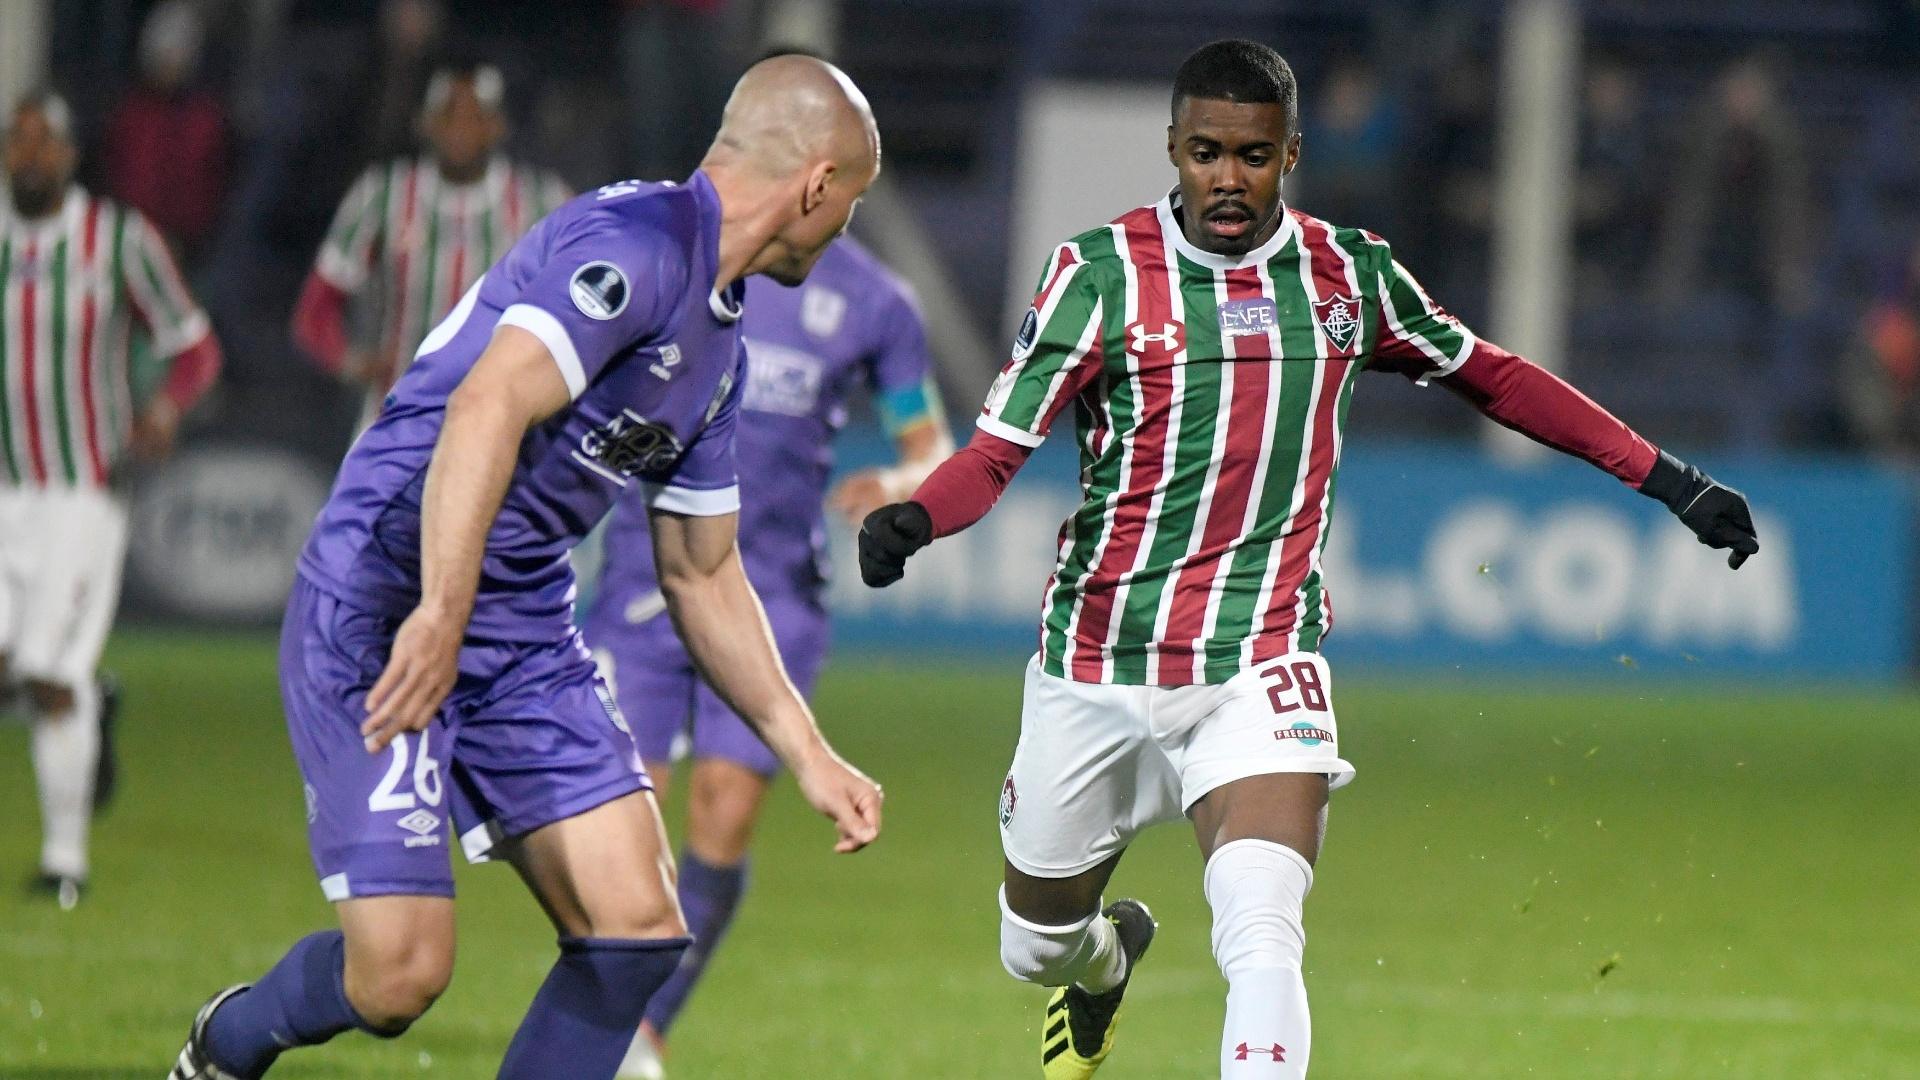 Matheus Alessandro em lance da partida entre Defensor e Fluminense, pela Sul-Americana